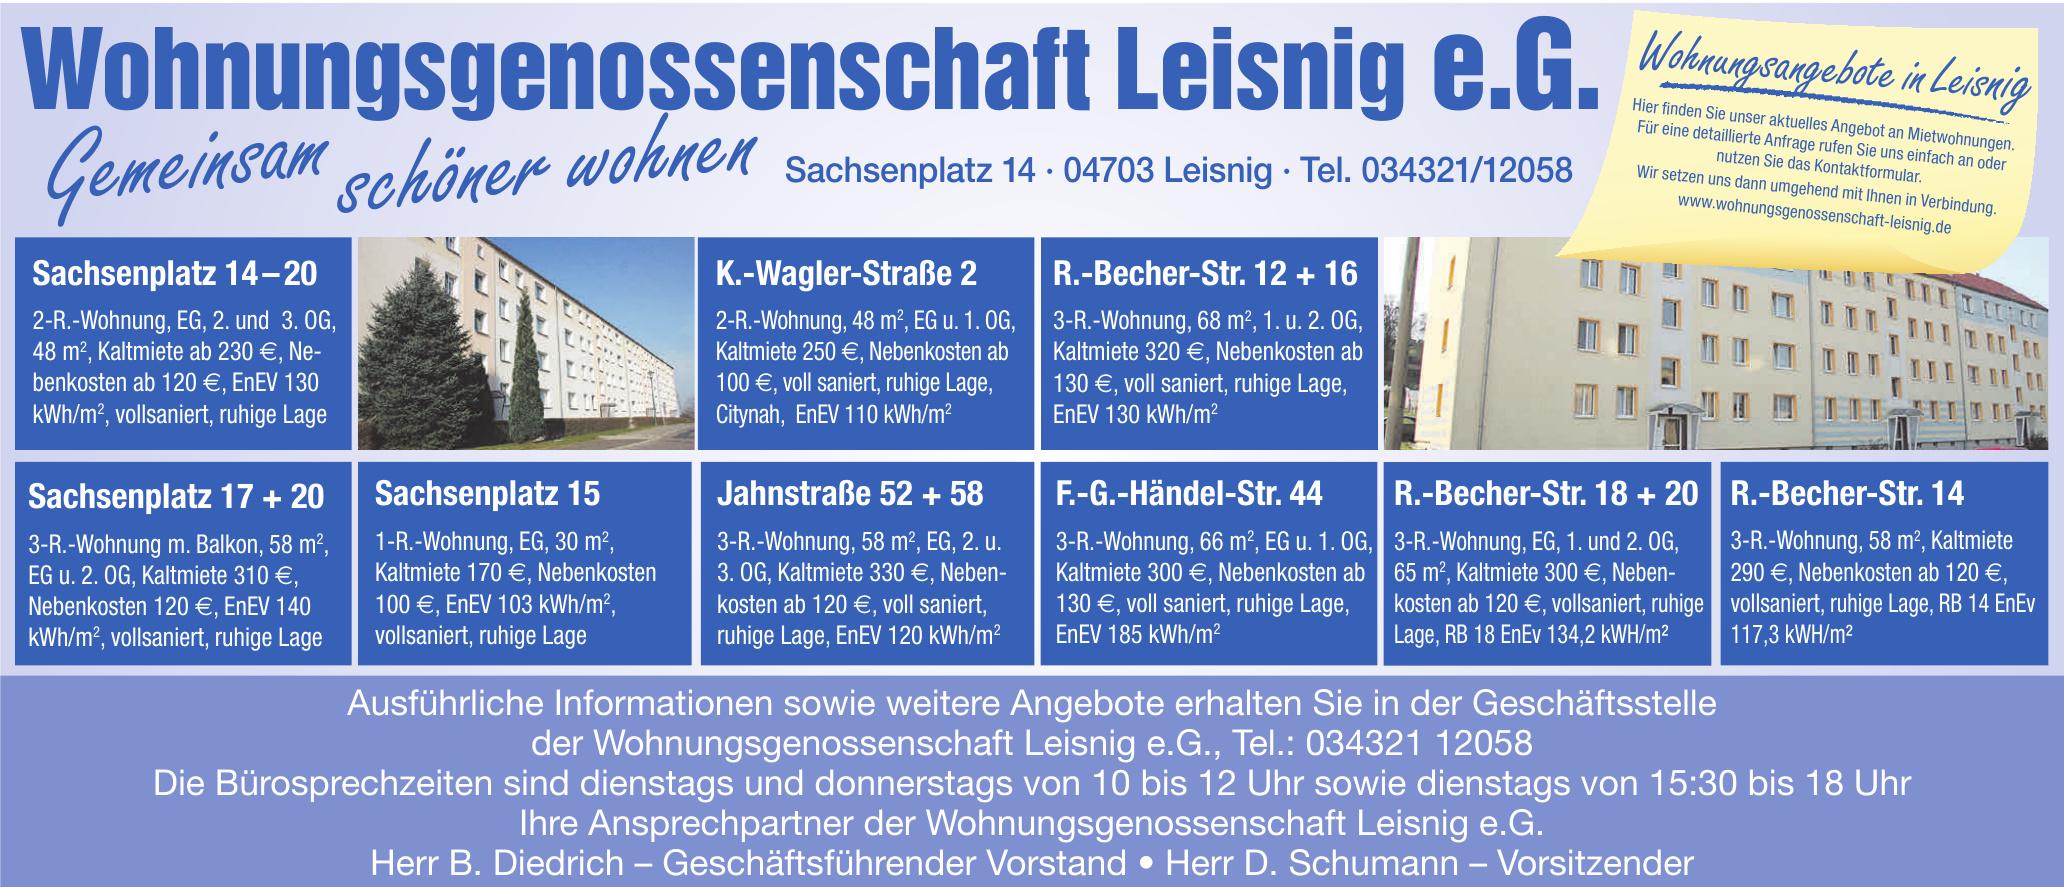 Wohnungsgenossenschaft Leisnig e.G.